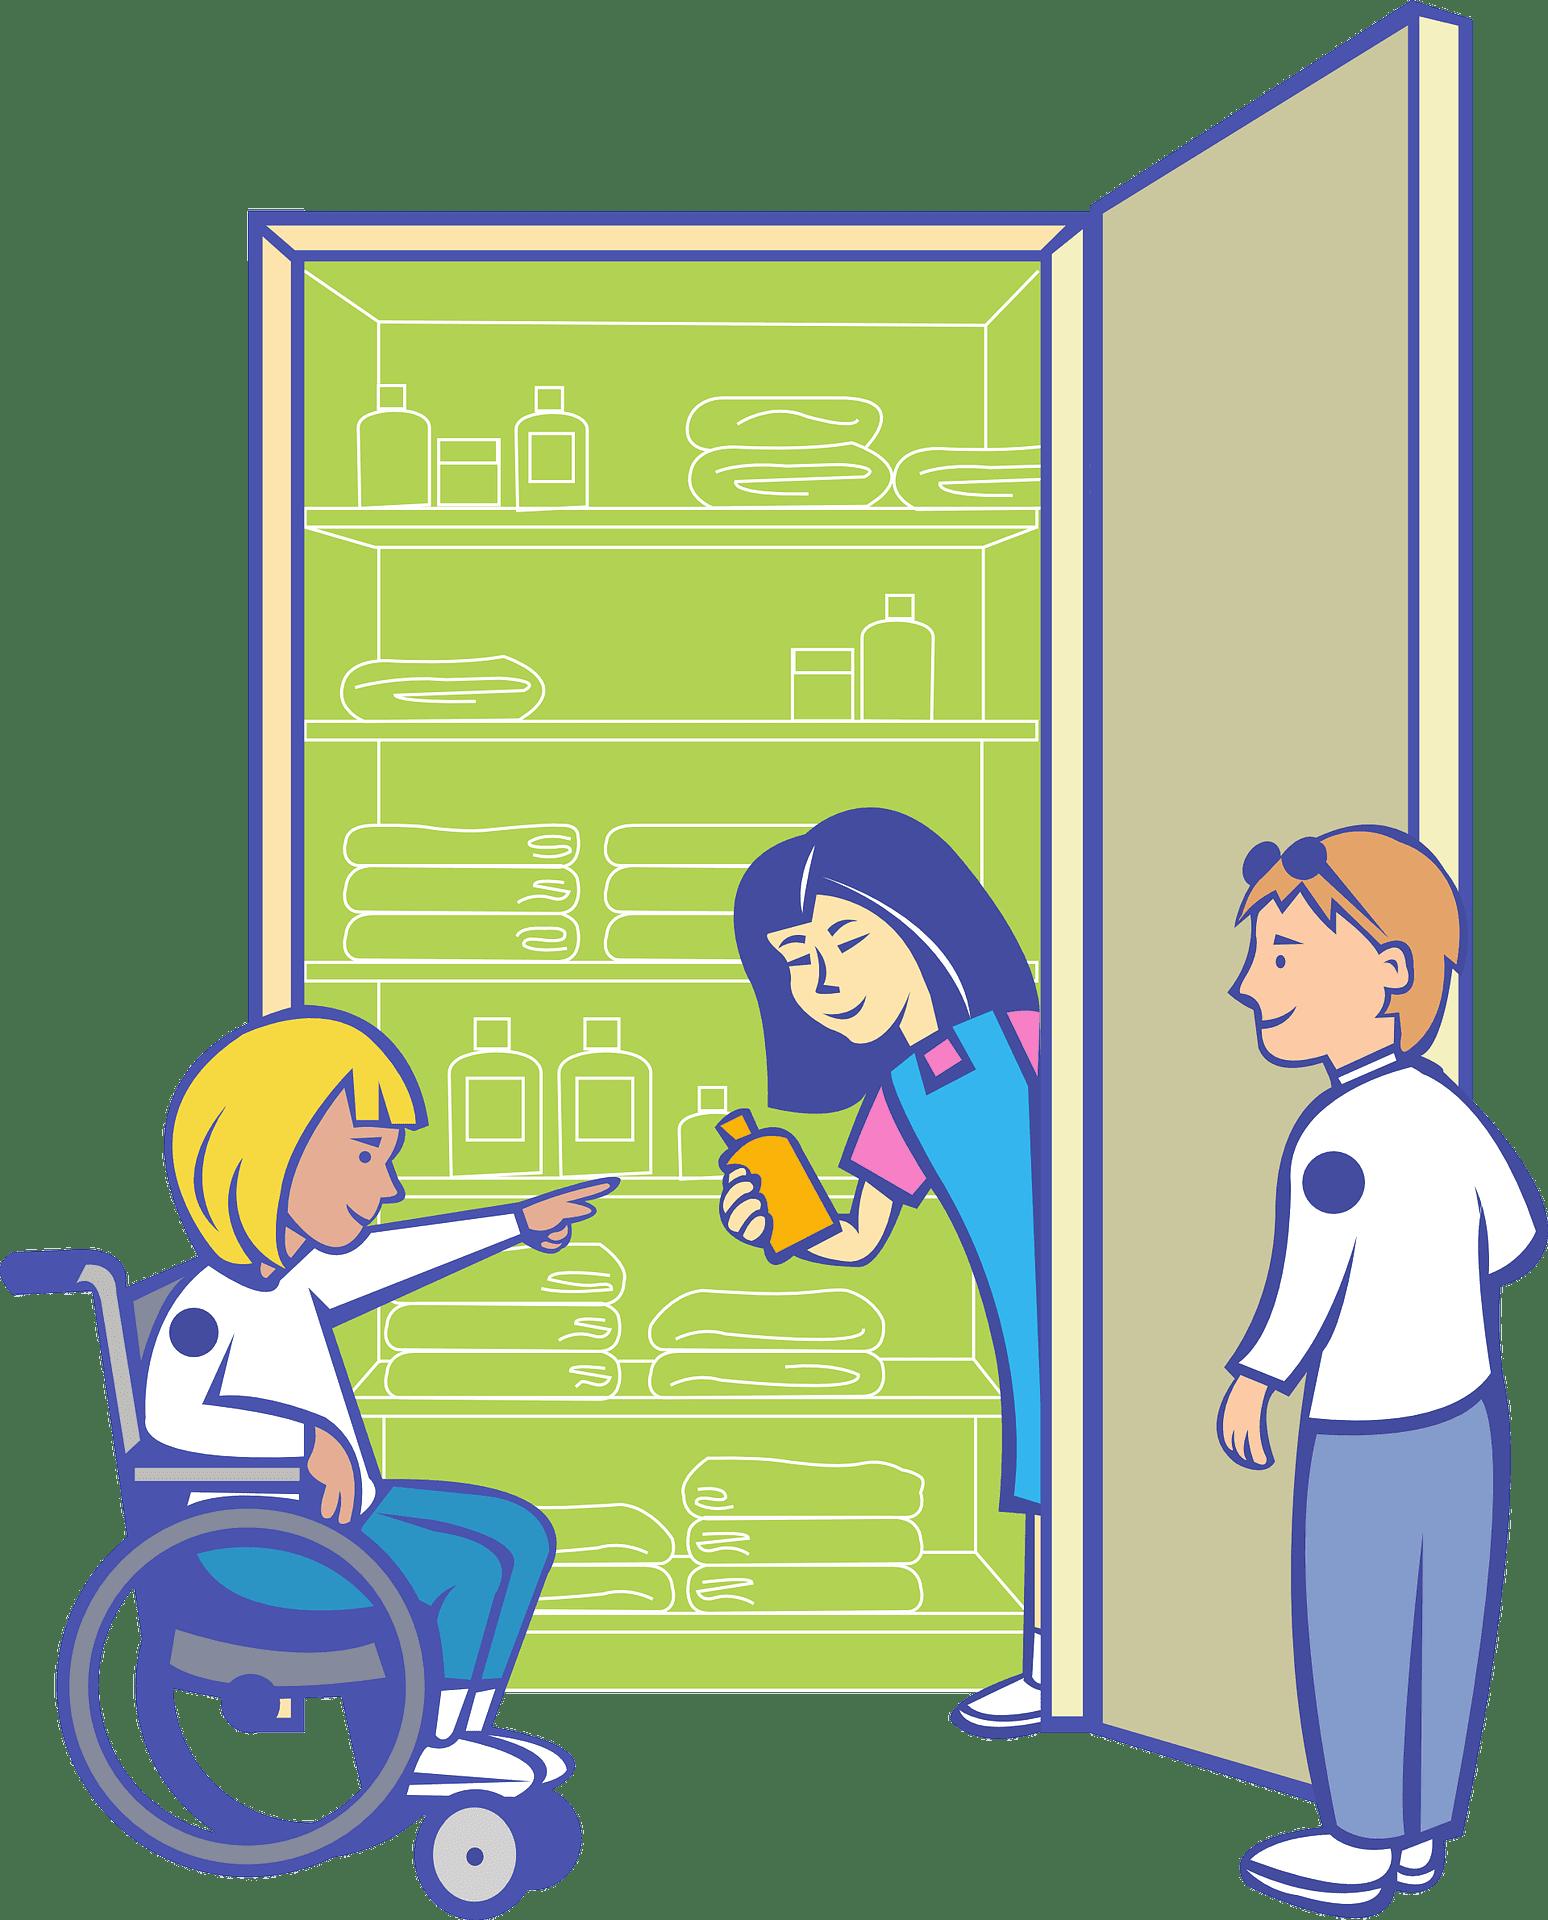 educacion inclusiva acoso escolar 4 educacion inclusiva y altruismo i221105